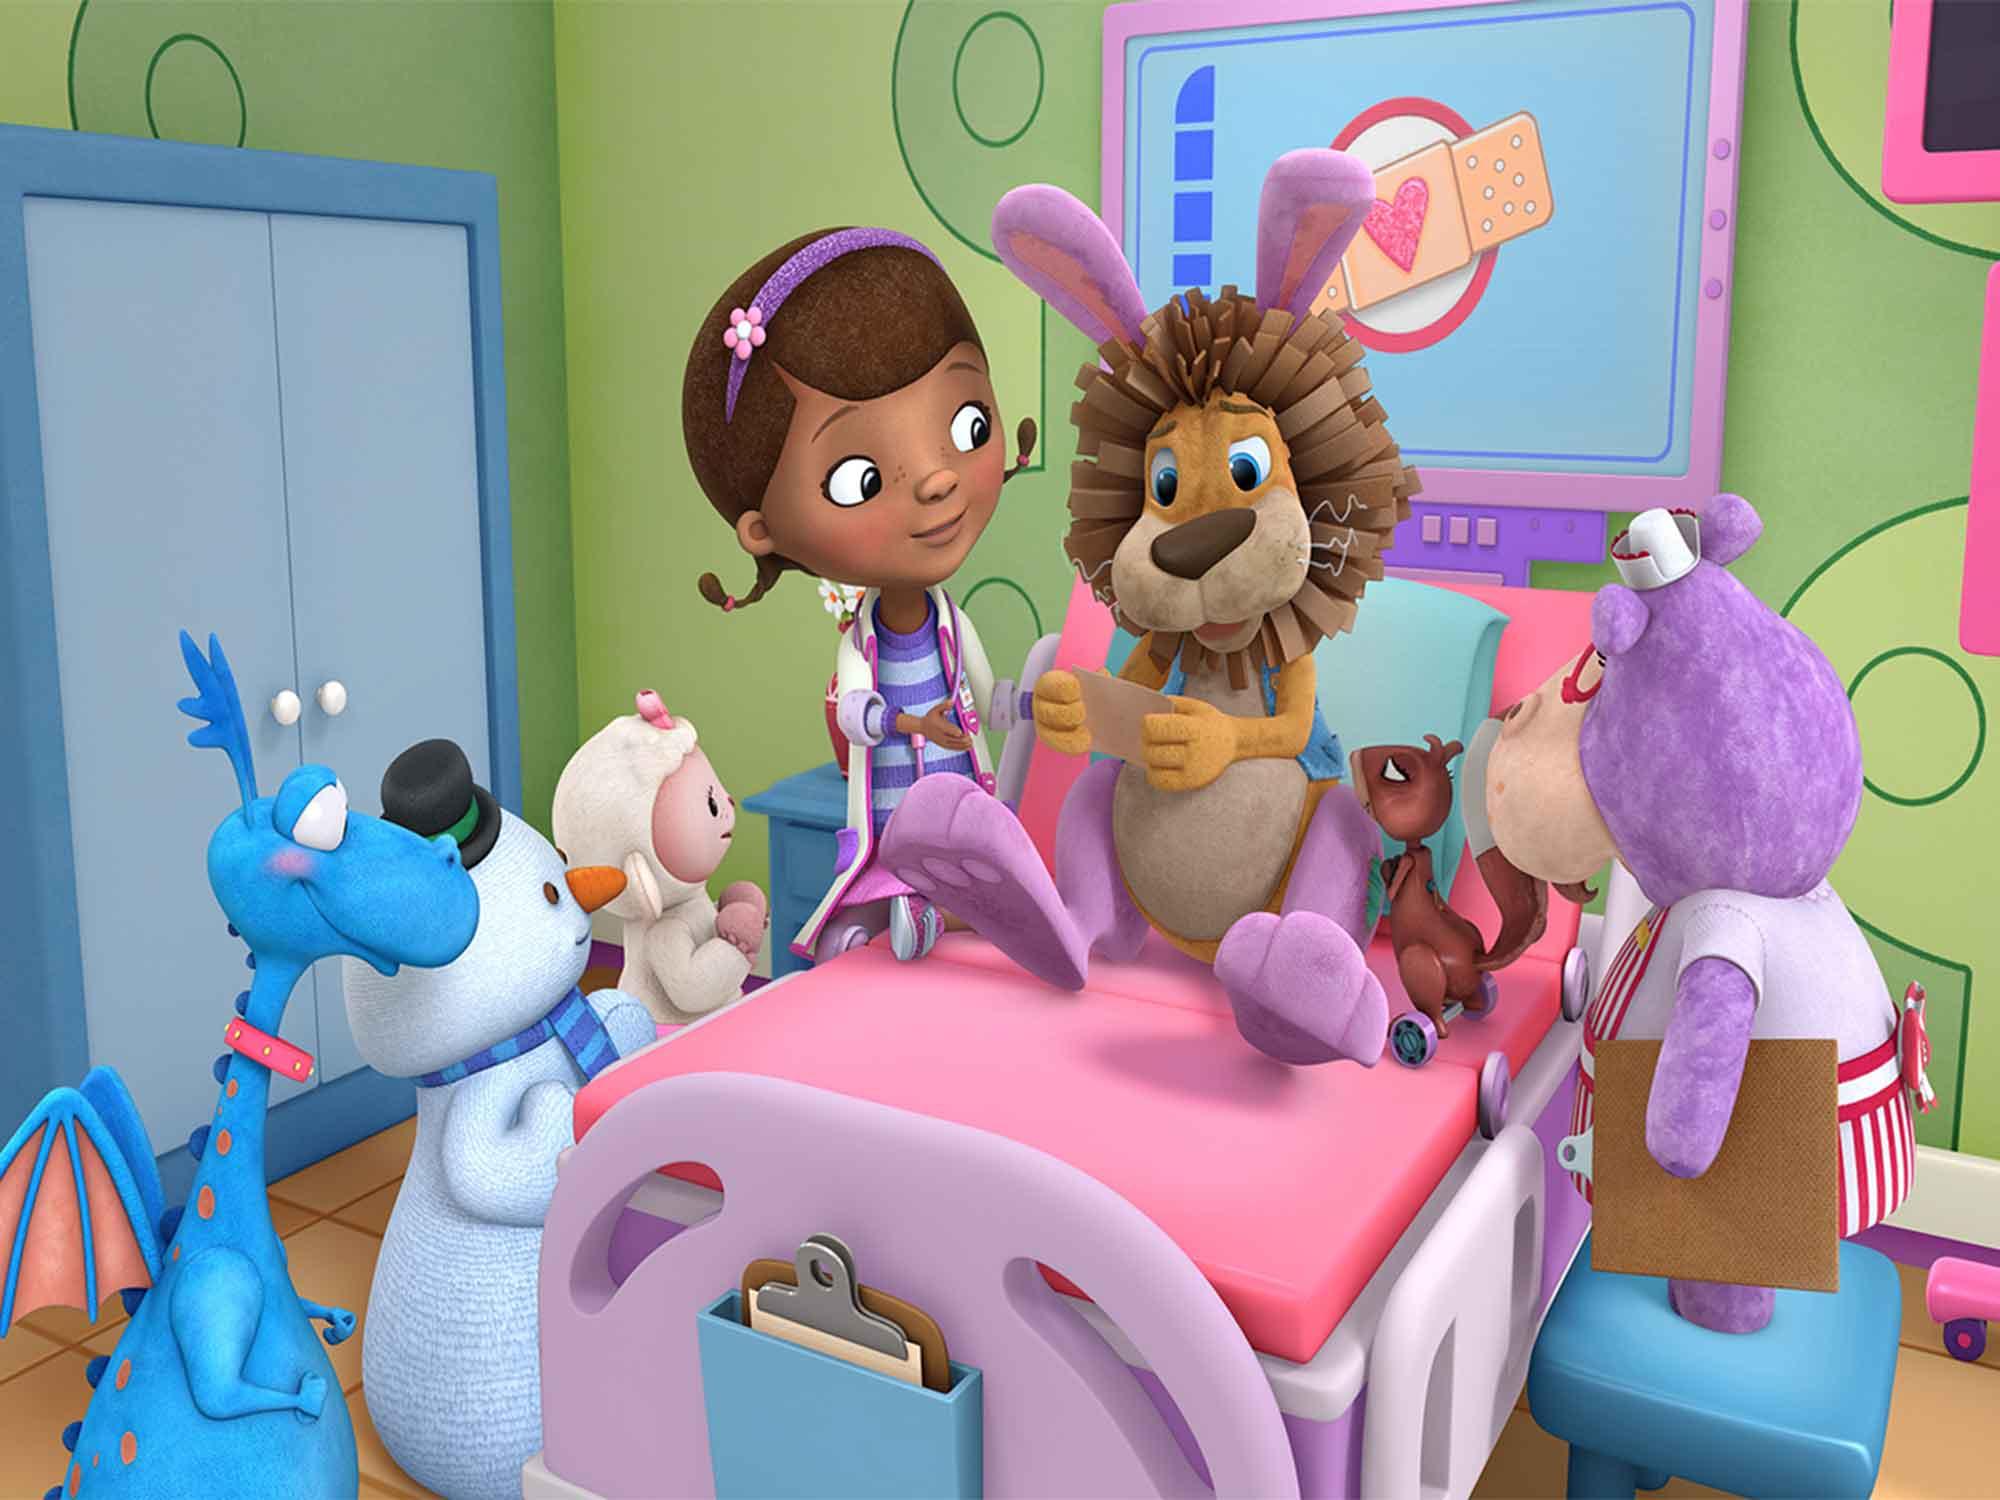 Papel de Parede Infantil Dra Brinquedo 0001  - Paredes Decoradas